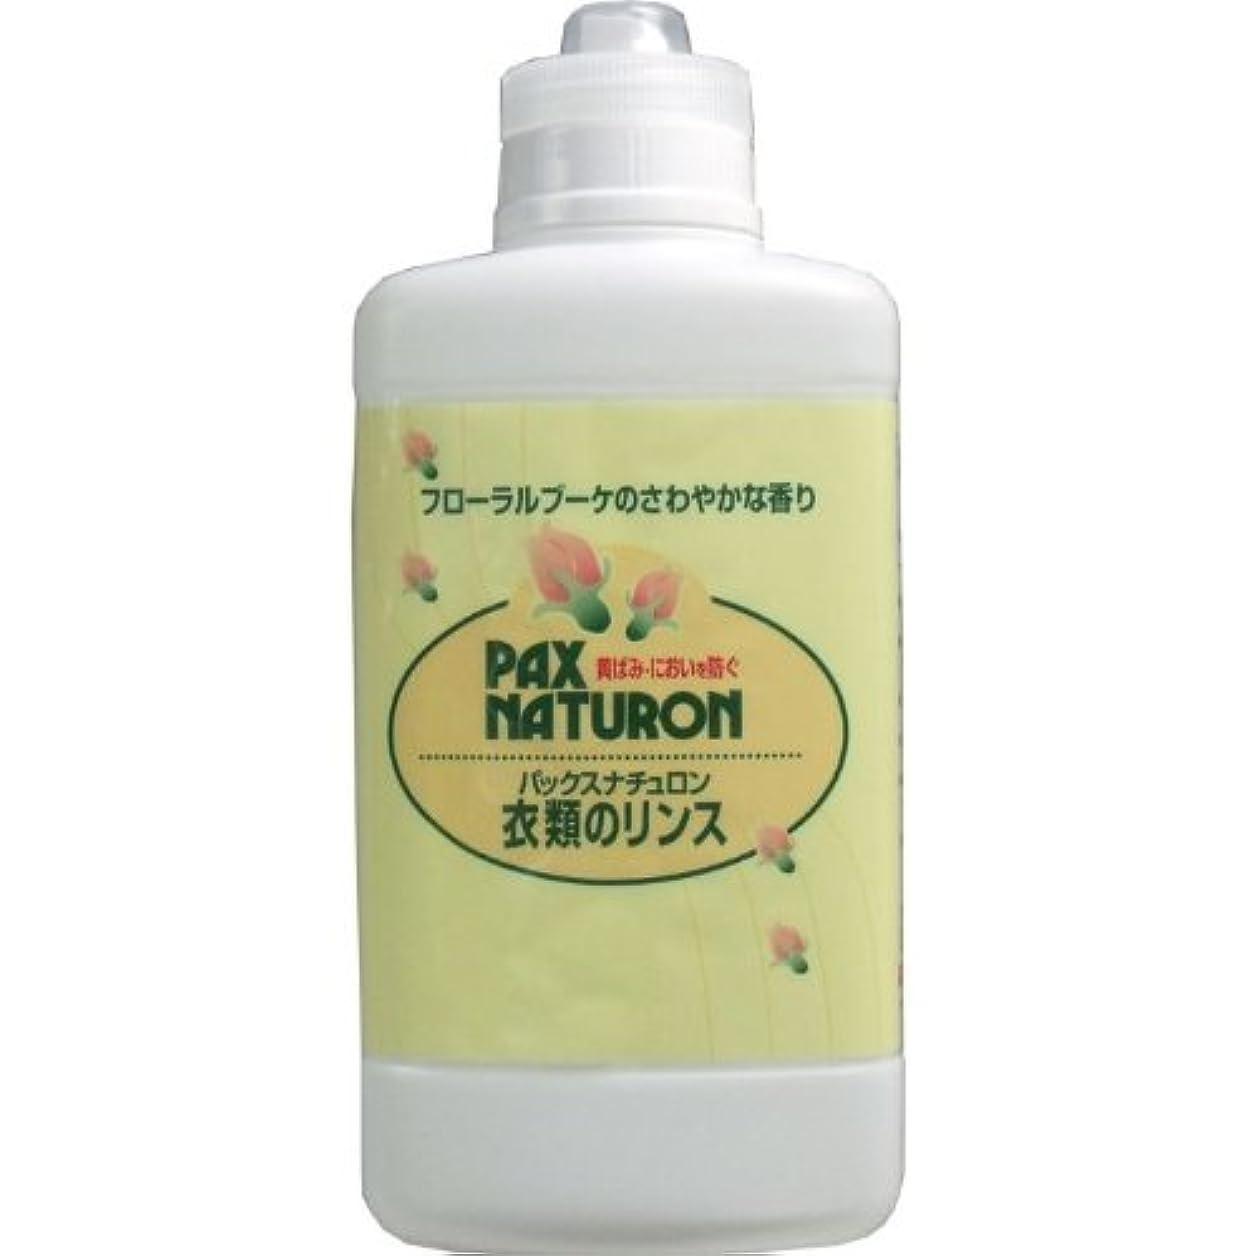 立場説明する許可するフローラルブーケのさわやかな香りです!黄ばみやにおいの発生を防ぎます!雑菌の繁殖を防ぐヒノキチオールを配合!衣類のリンス 610mL